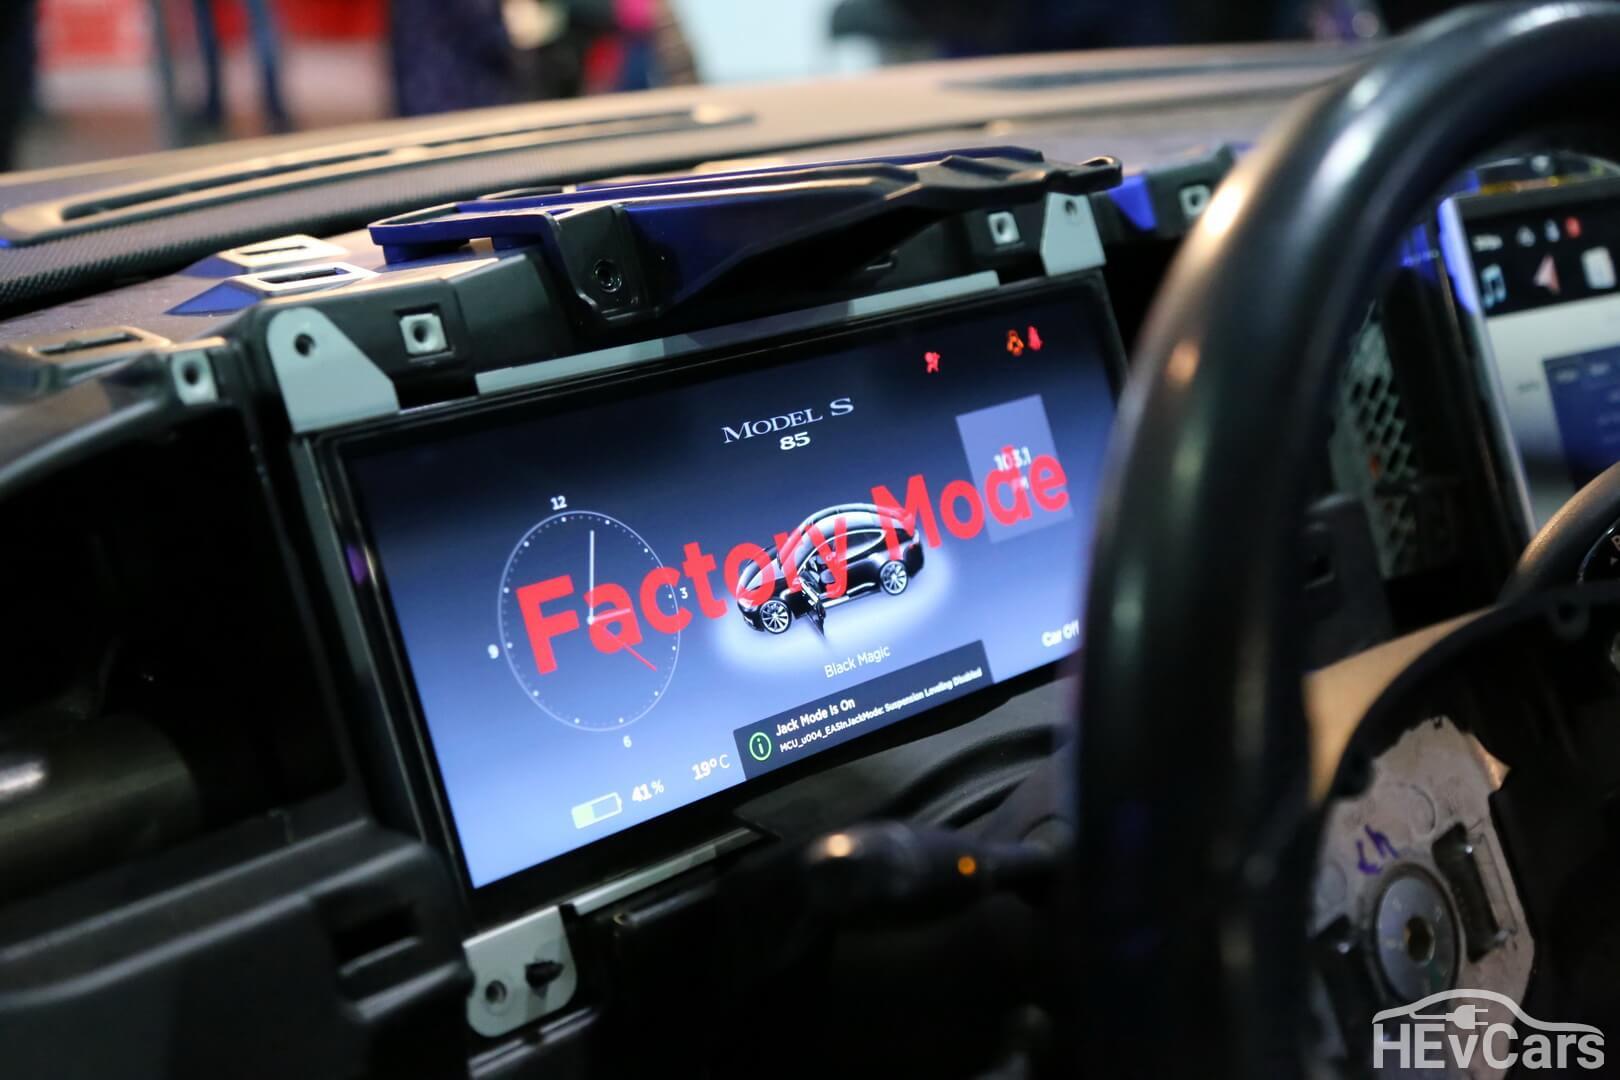 Надпись на дисплее Factory Mode Tesla Model S